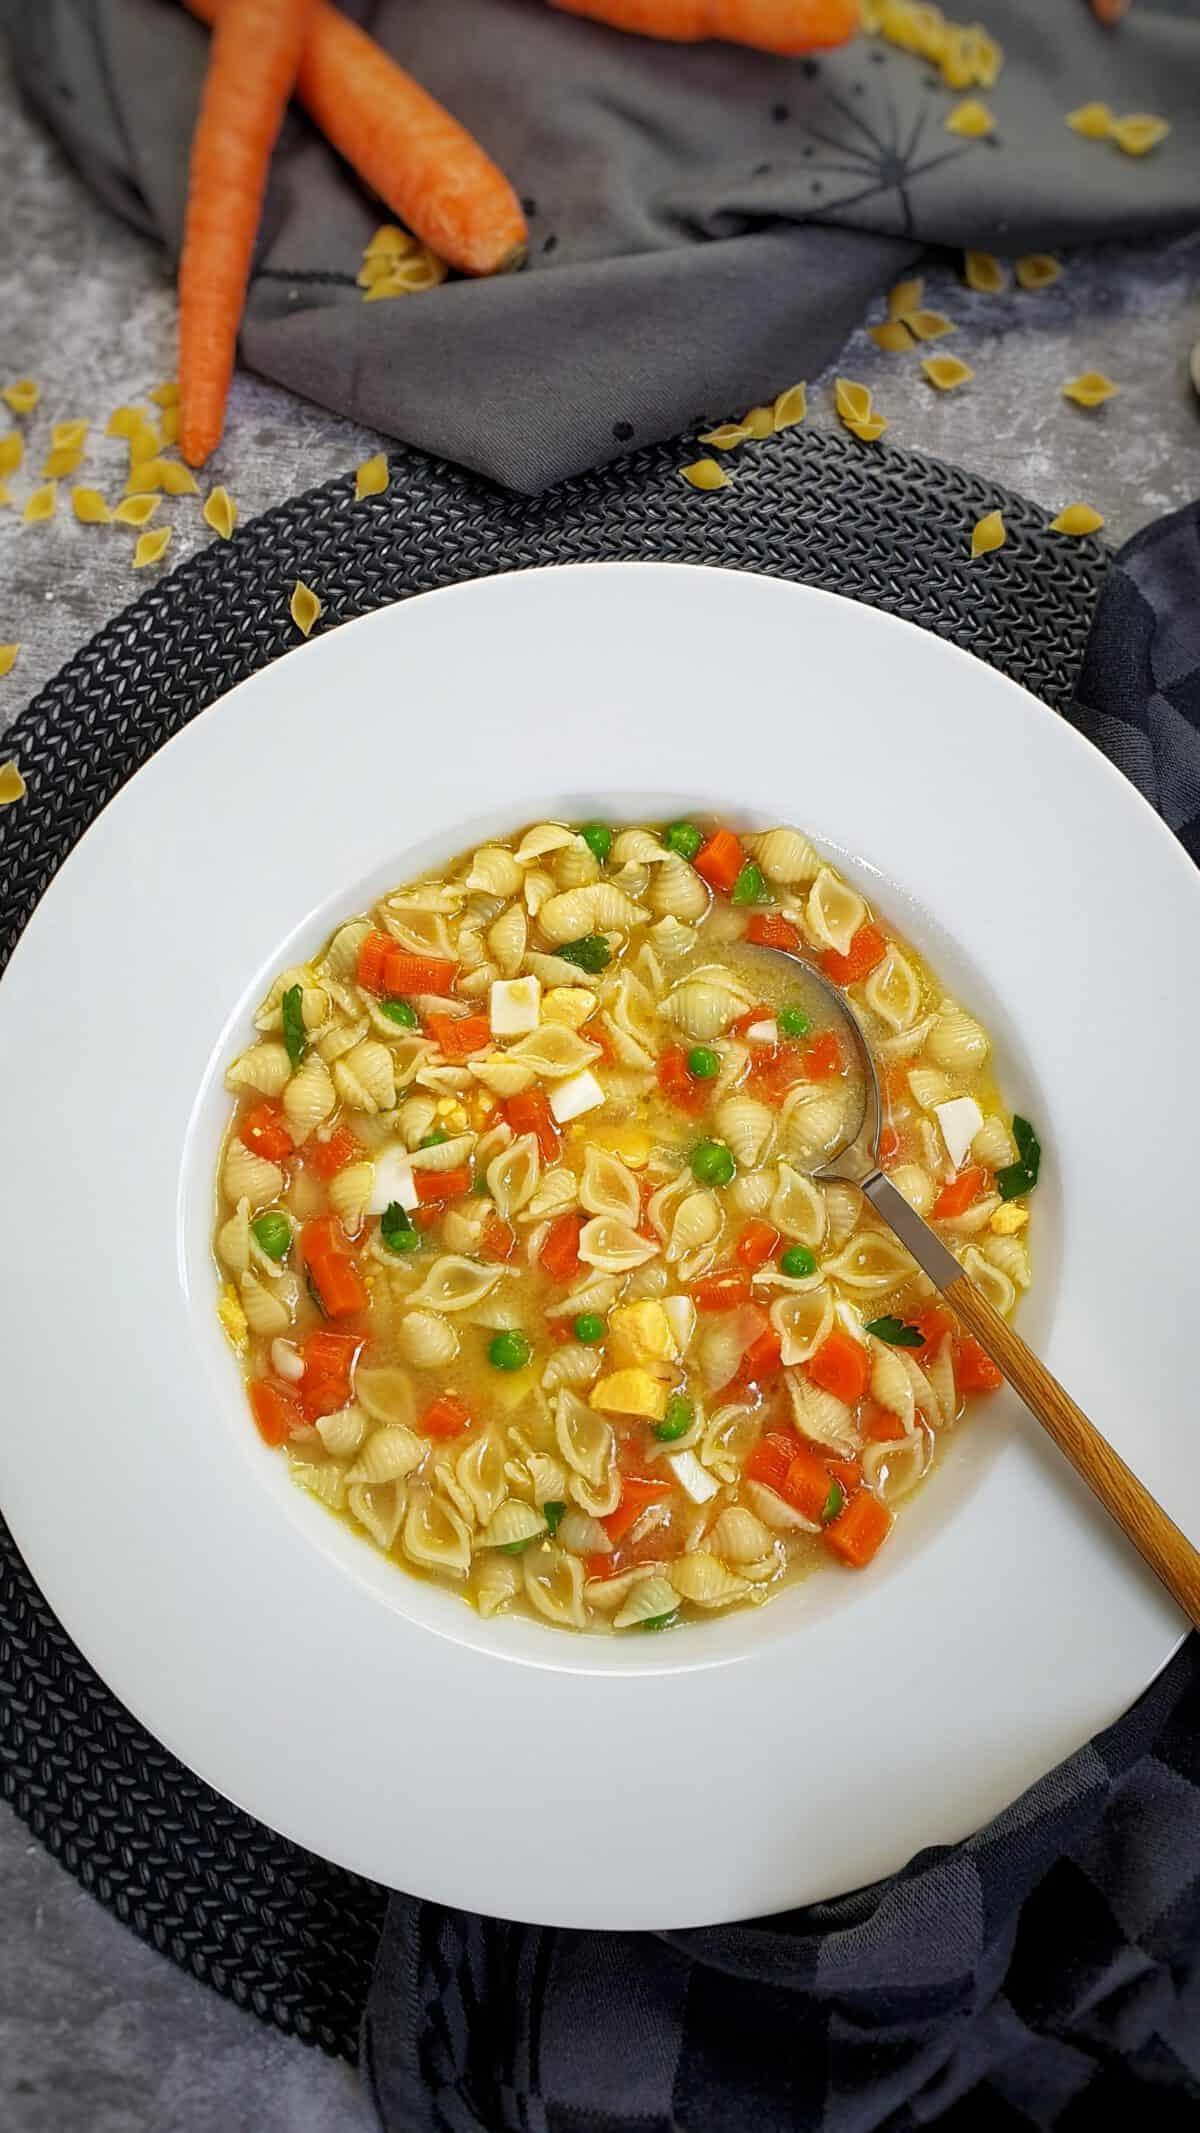 In einem weißen Suppenteller eine Nudel-Suppe mit Möhre und Ei. Im Hintergrund Deko.